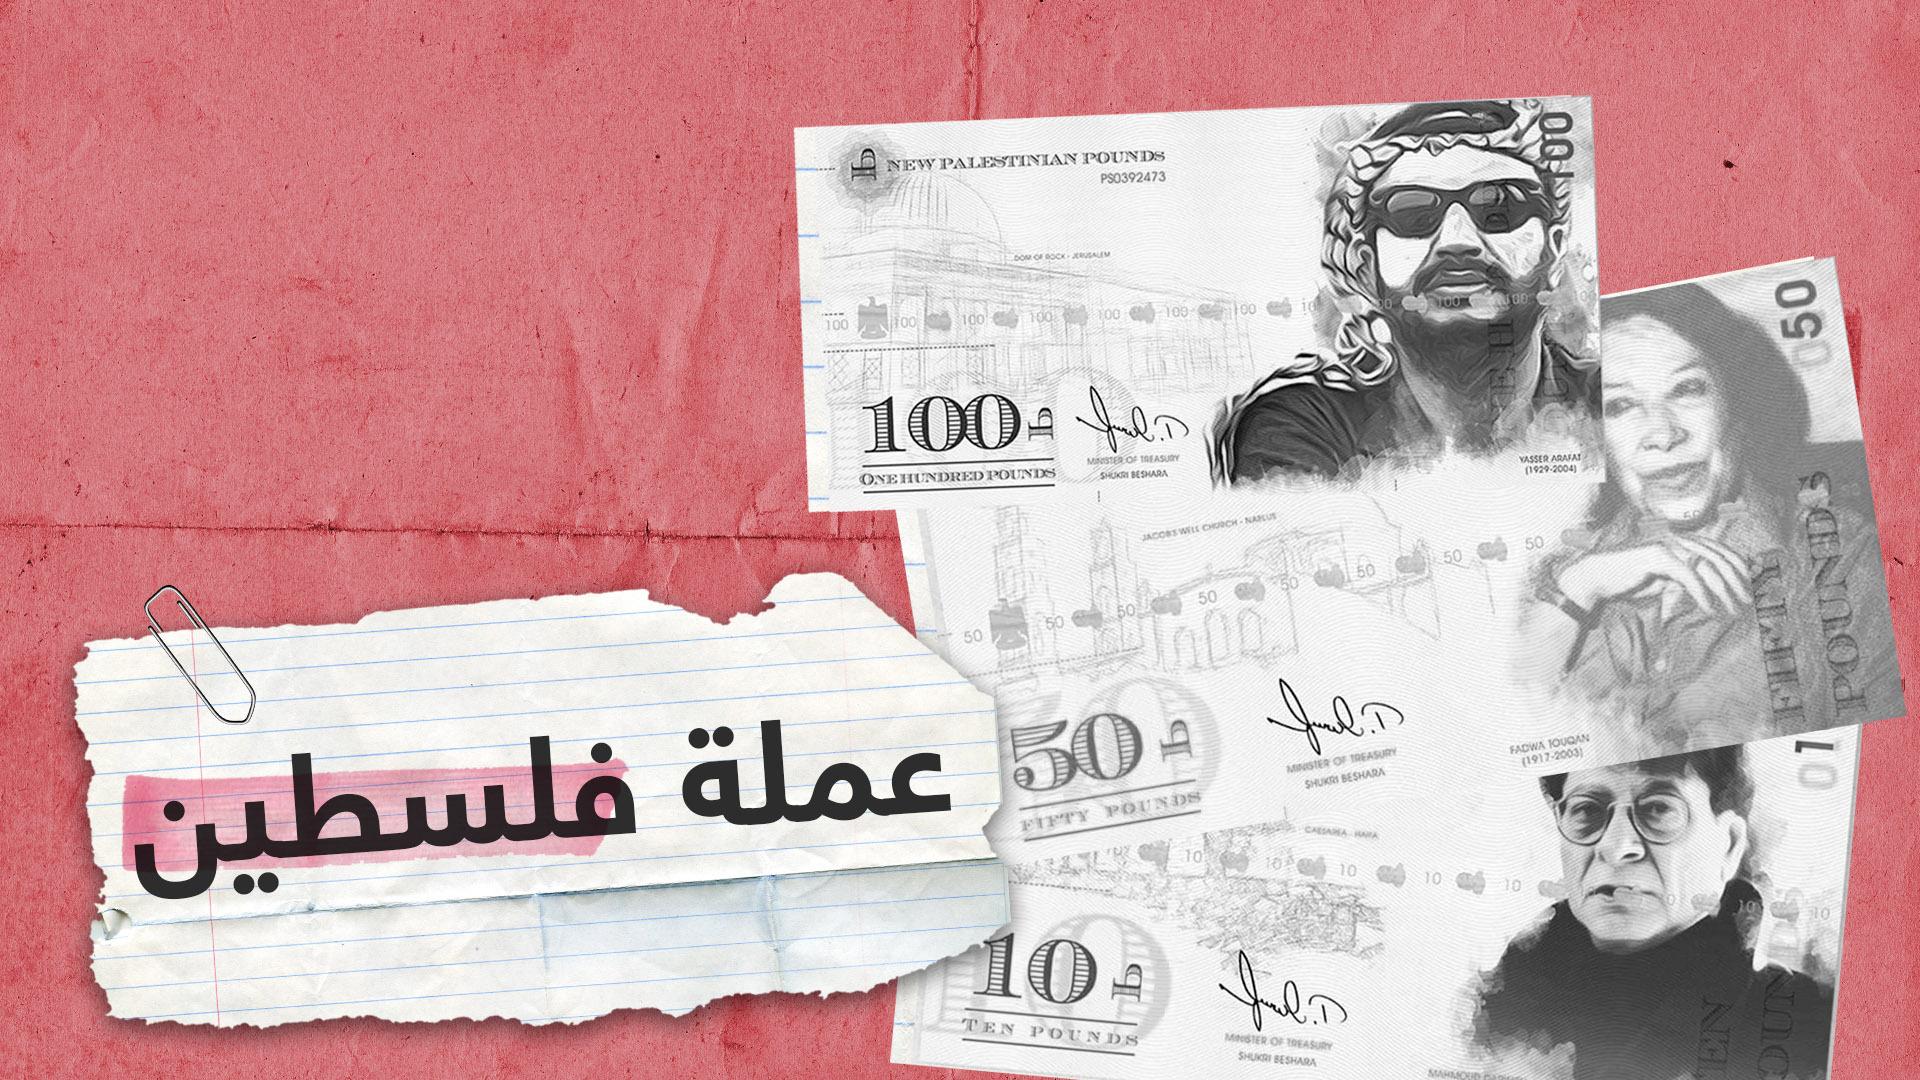 إعادة إحياء الجنيه الفلسطيني على يد فنان غزاوي